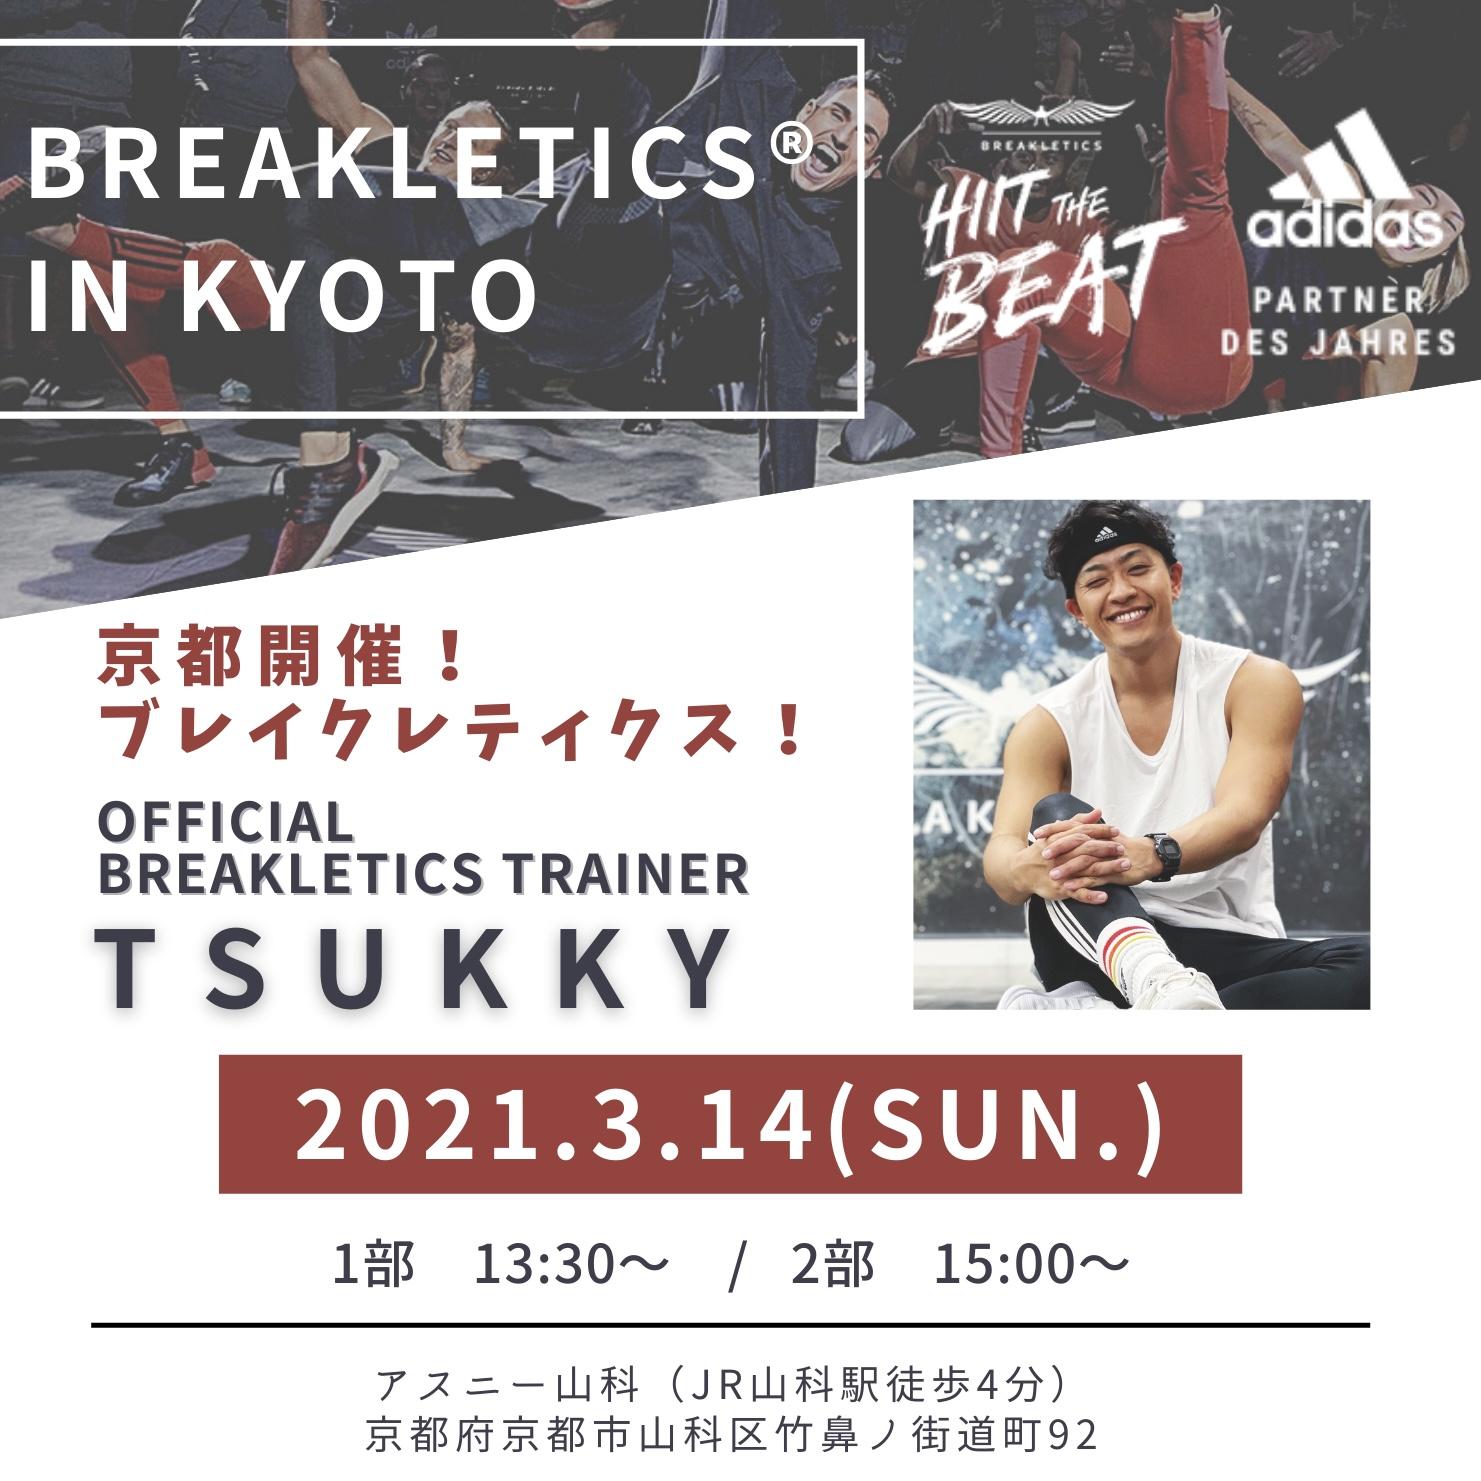 BREAKLETICS IN KYOTO